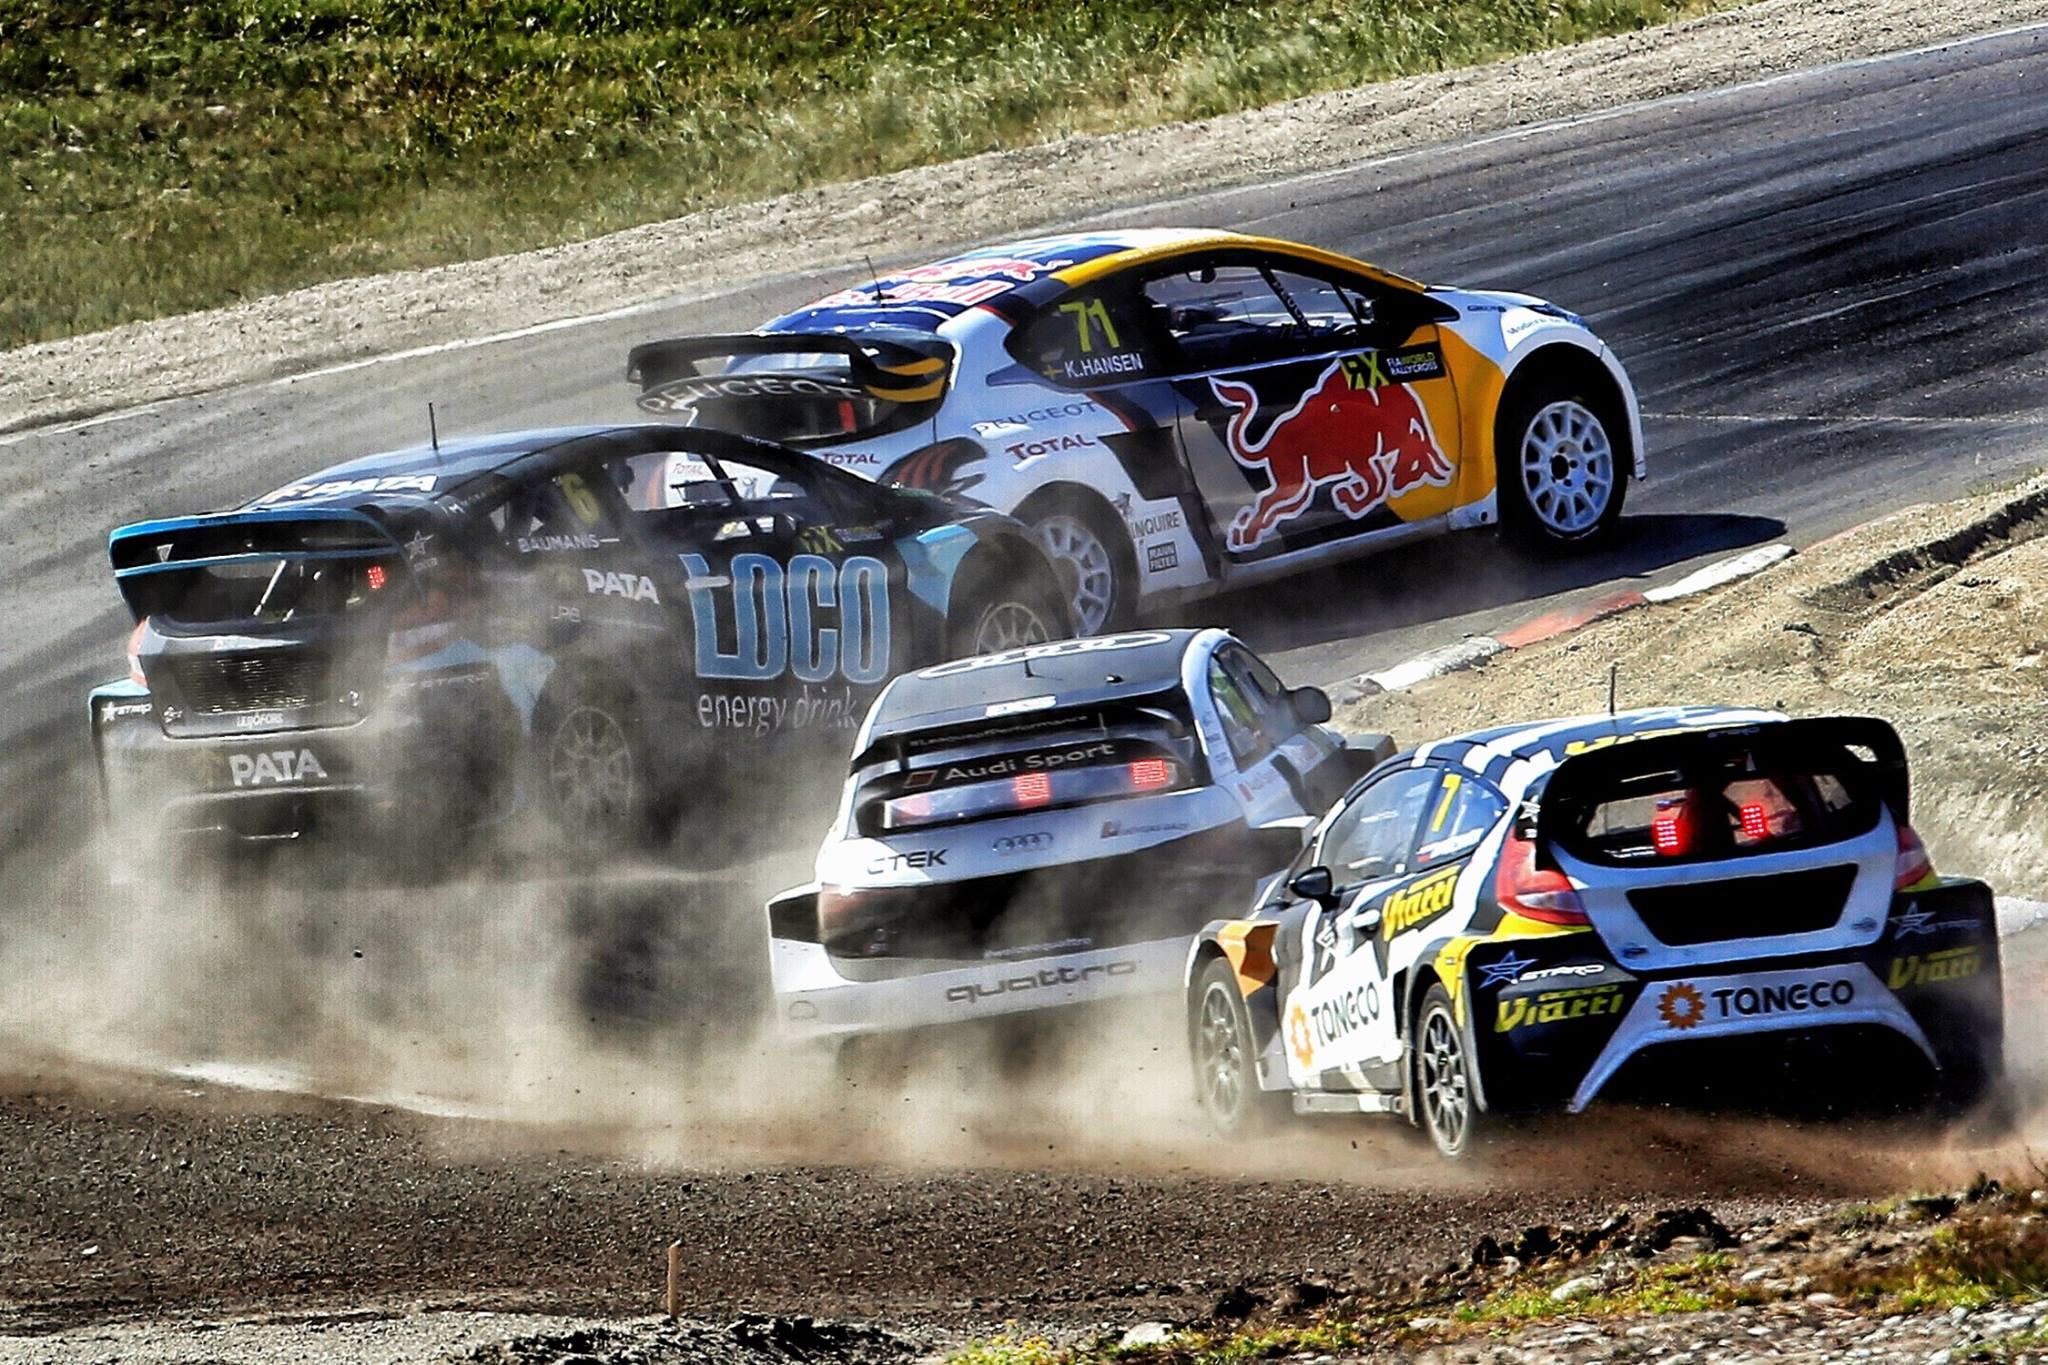 Водитель Hooligan Андреас Баккеруд занял второе место на своем Ford Focus RS RX, а легенда WRC Себастьян Леб пересек финишную черту третьим с командой Hansen Peugeot 208 WRX. Тимми Хансен закончил за своим товарищем по команде Кевином  Эрикссоном, а